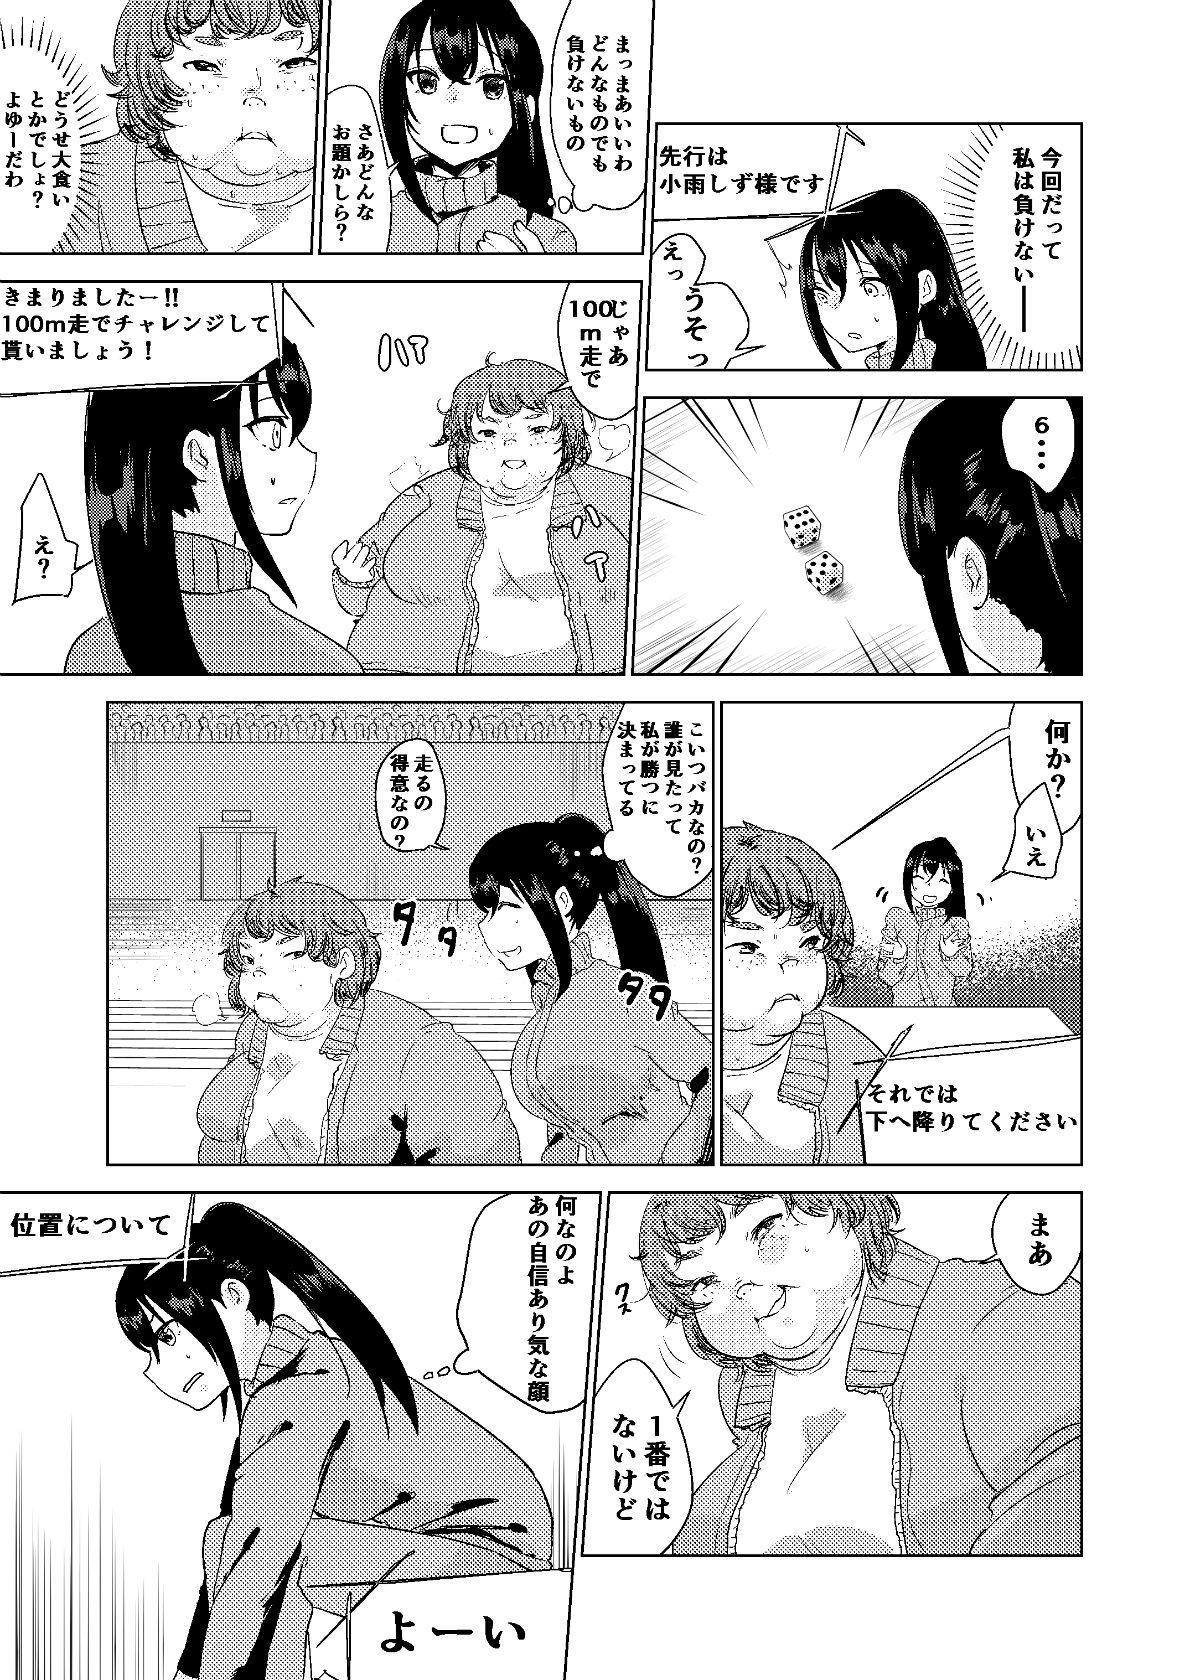 Kyou kara Watashi wa Anata ni Naru. 8